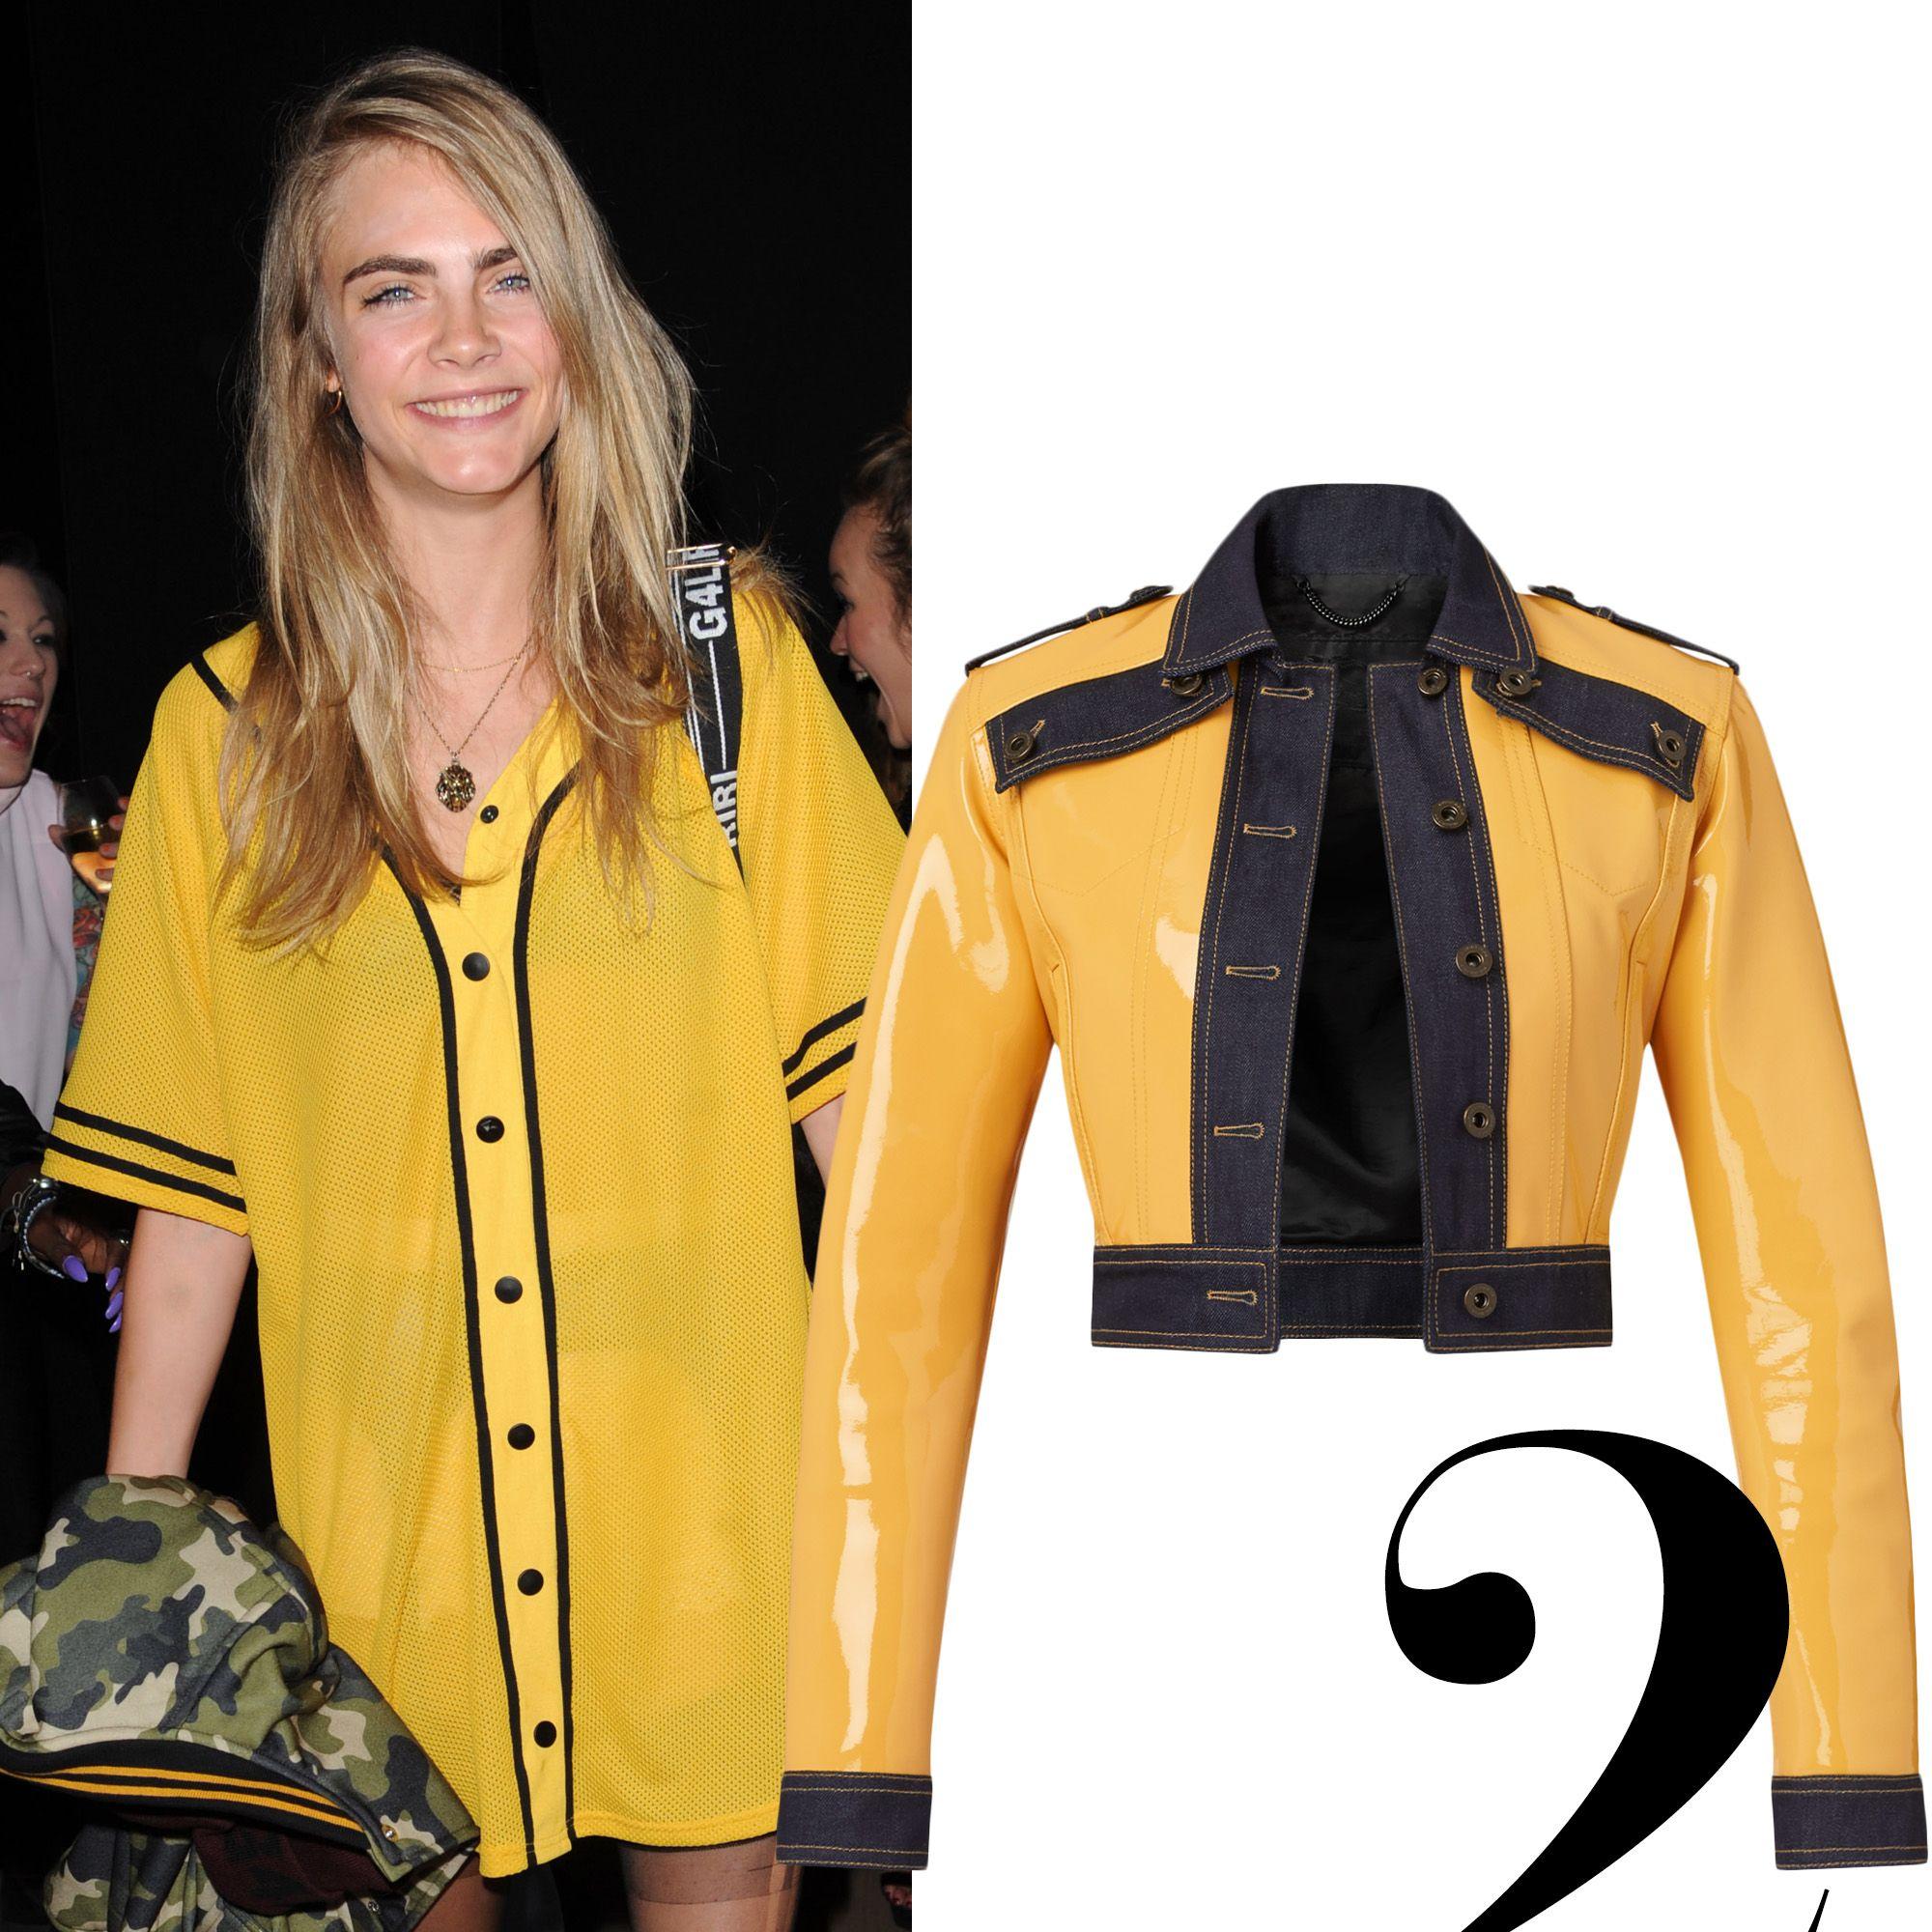 """<em>Burberry jacket, $3,995, <a href=""""http://us.burberry.com/patent-leatherdenim-jacket-p45311401"""" target=""""_blank"""">burberry.com</a>.</em>"""